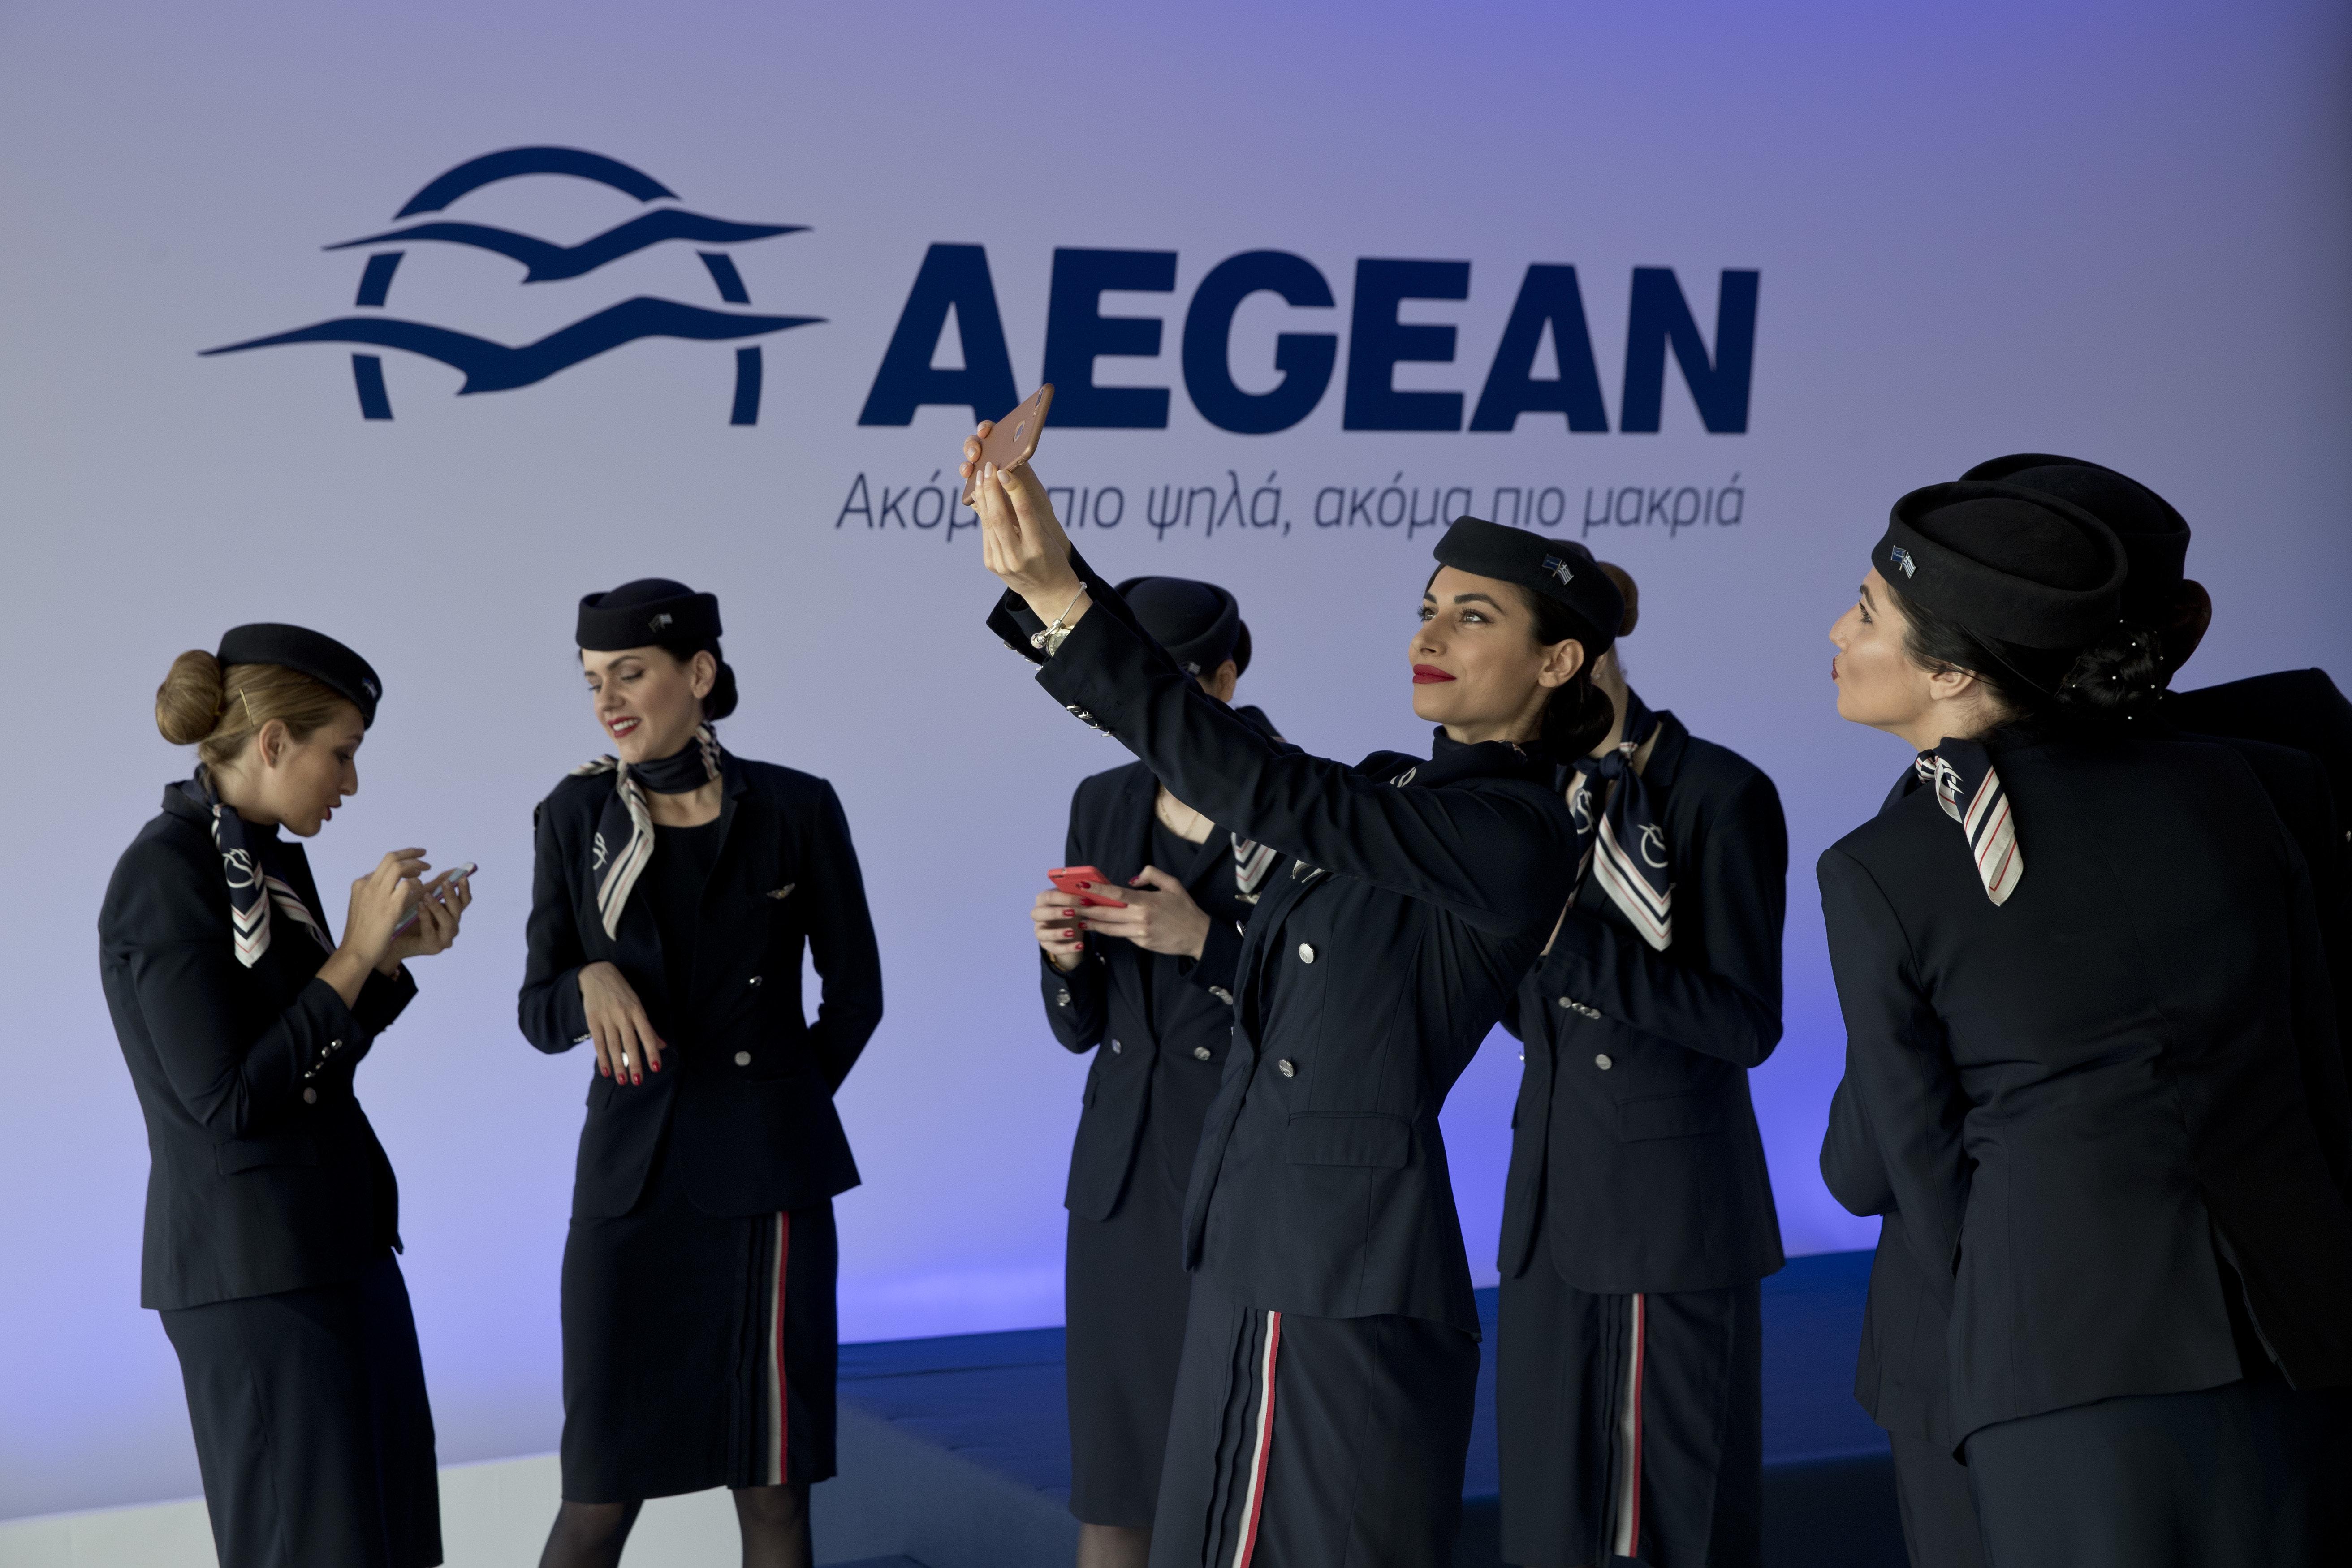 Η Αegean 5η στη λίστα με τις 20 καλύτερες αεροπορικές